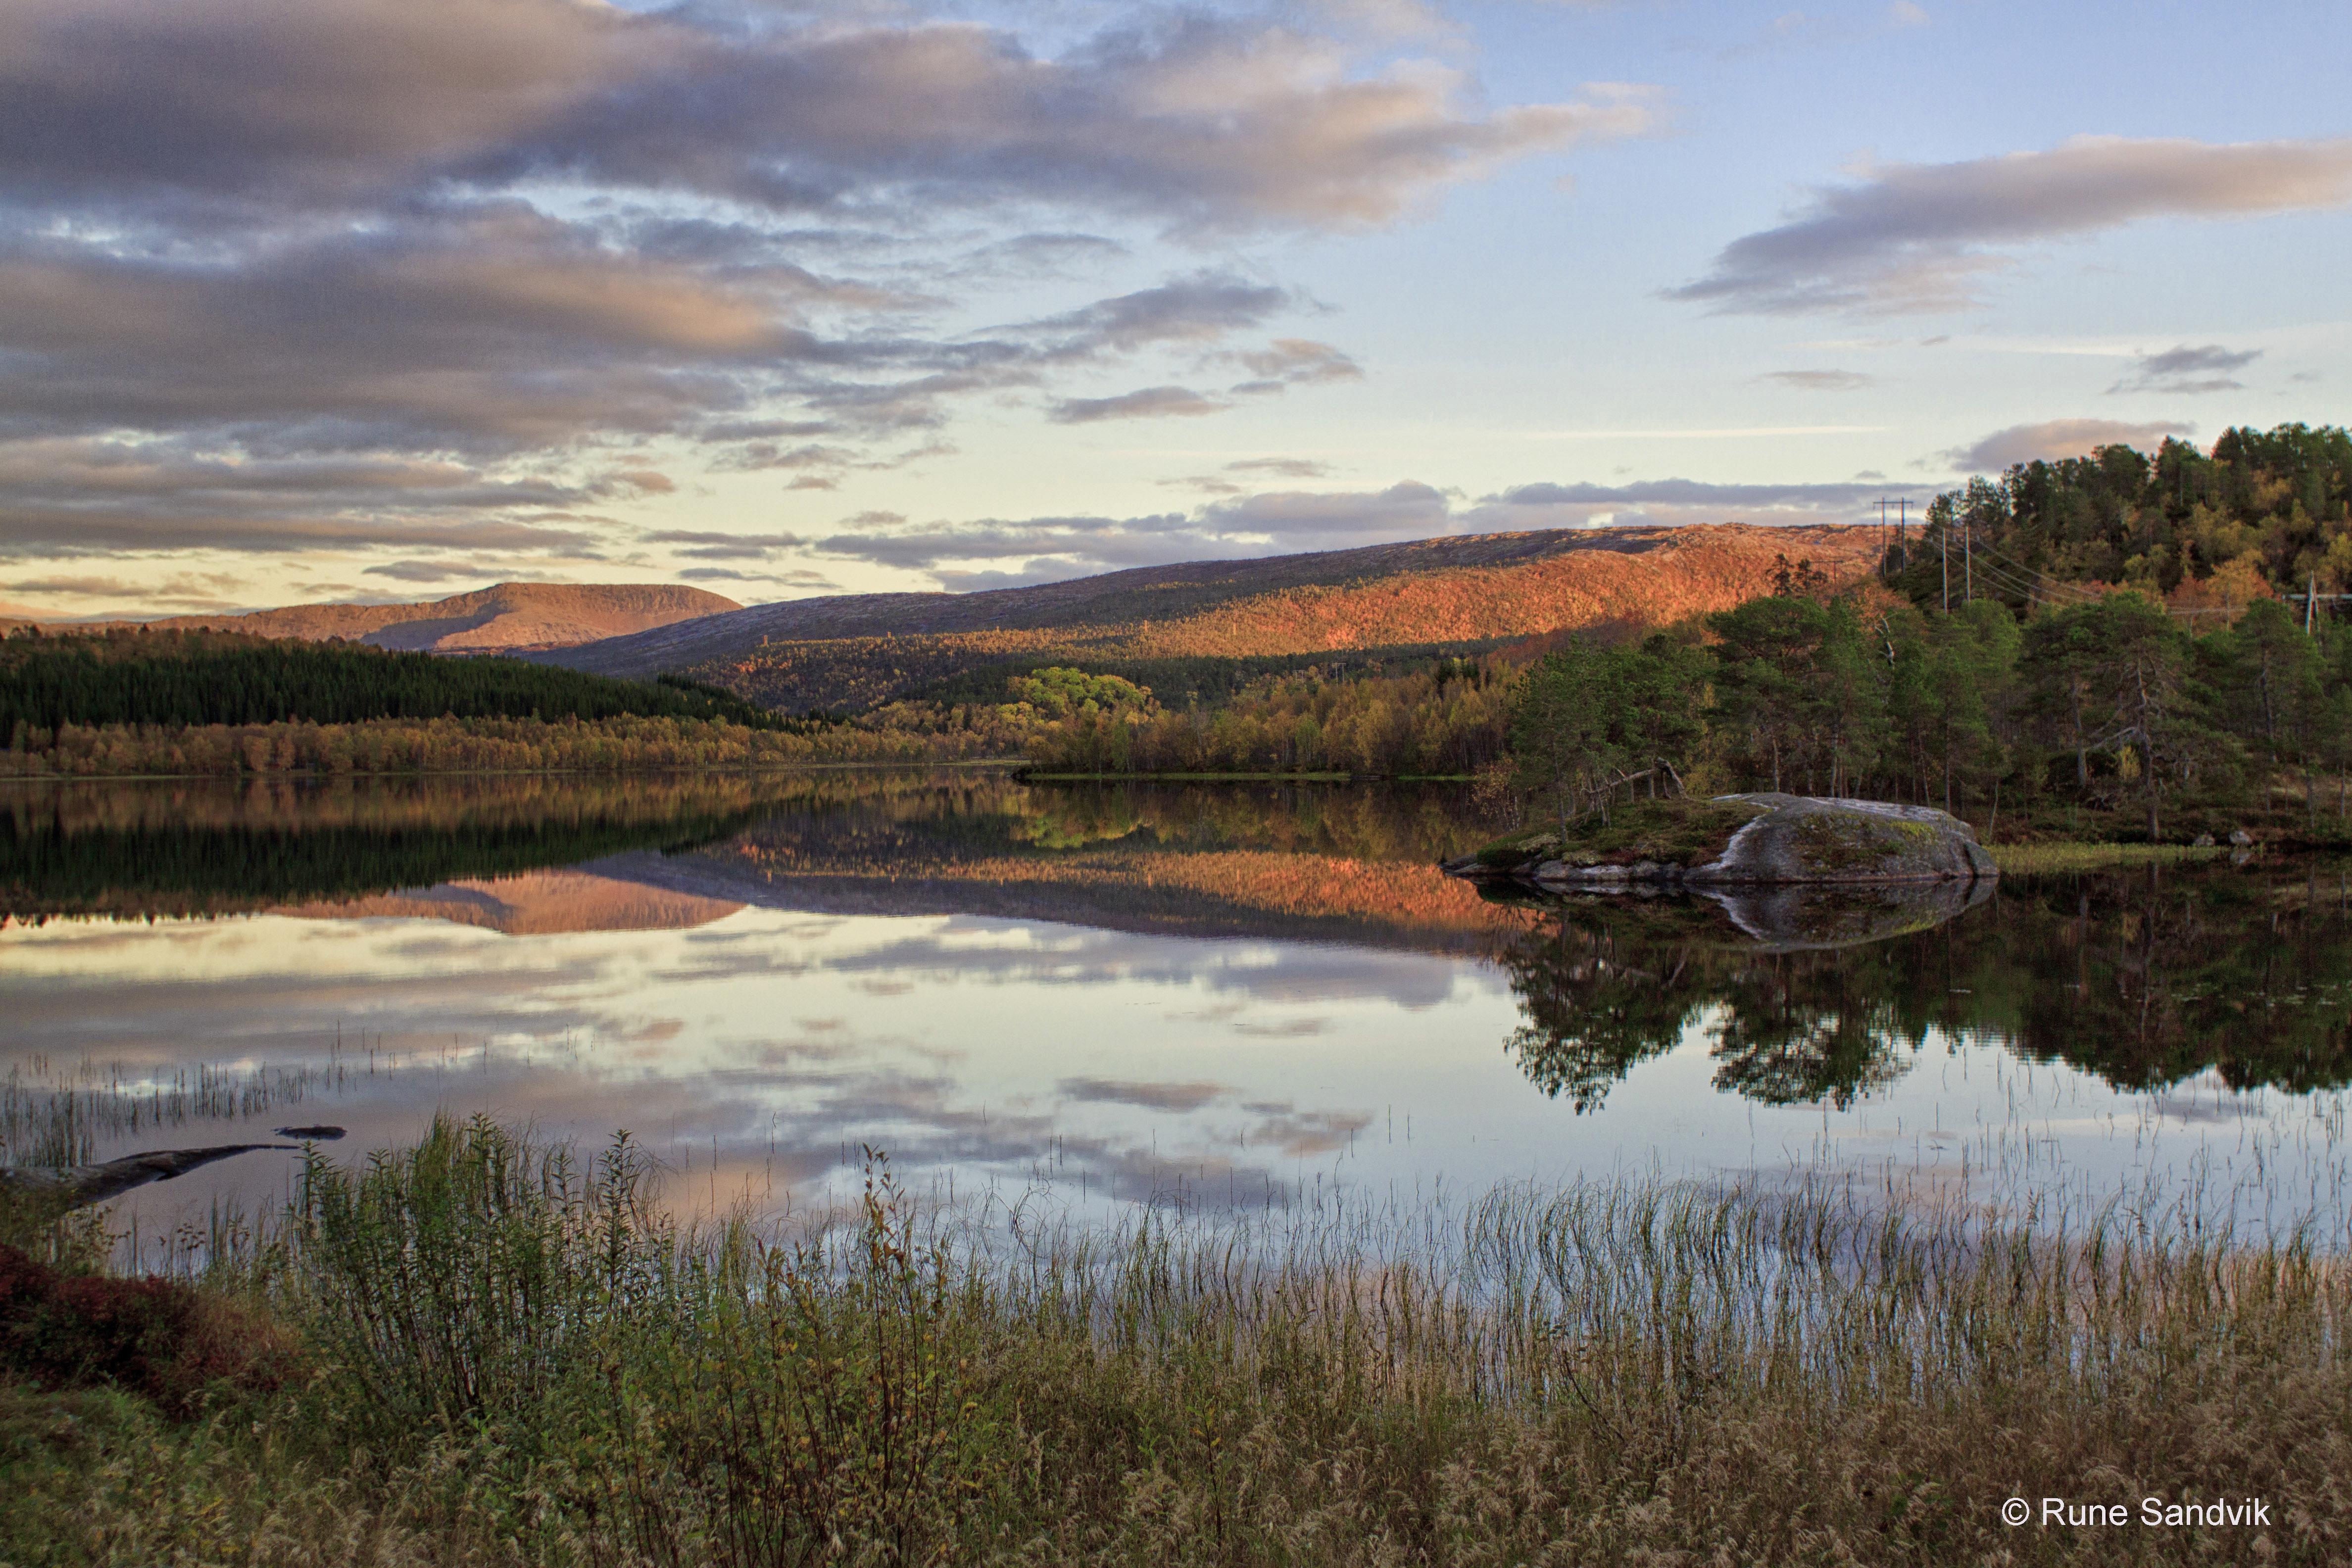 38 Rune Sandvik, Dragsvatn en høstkveld i september copy.jpg